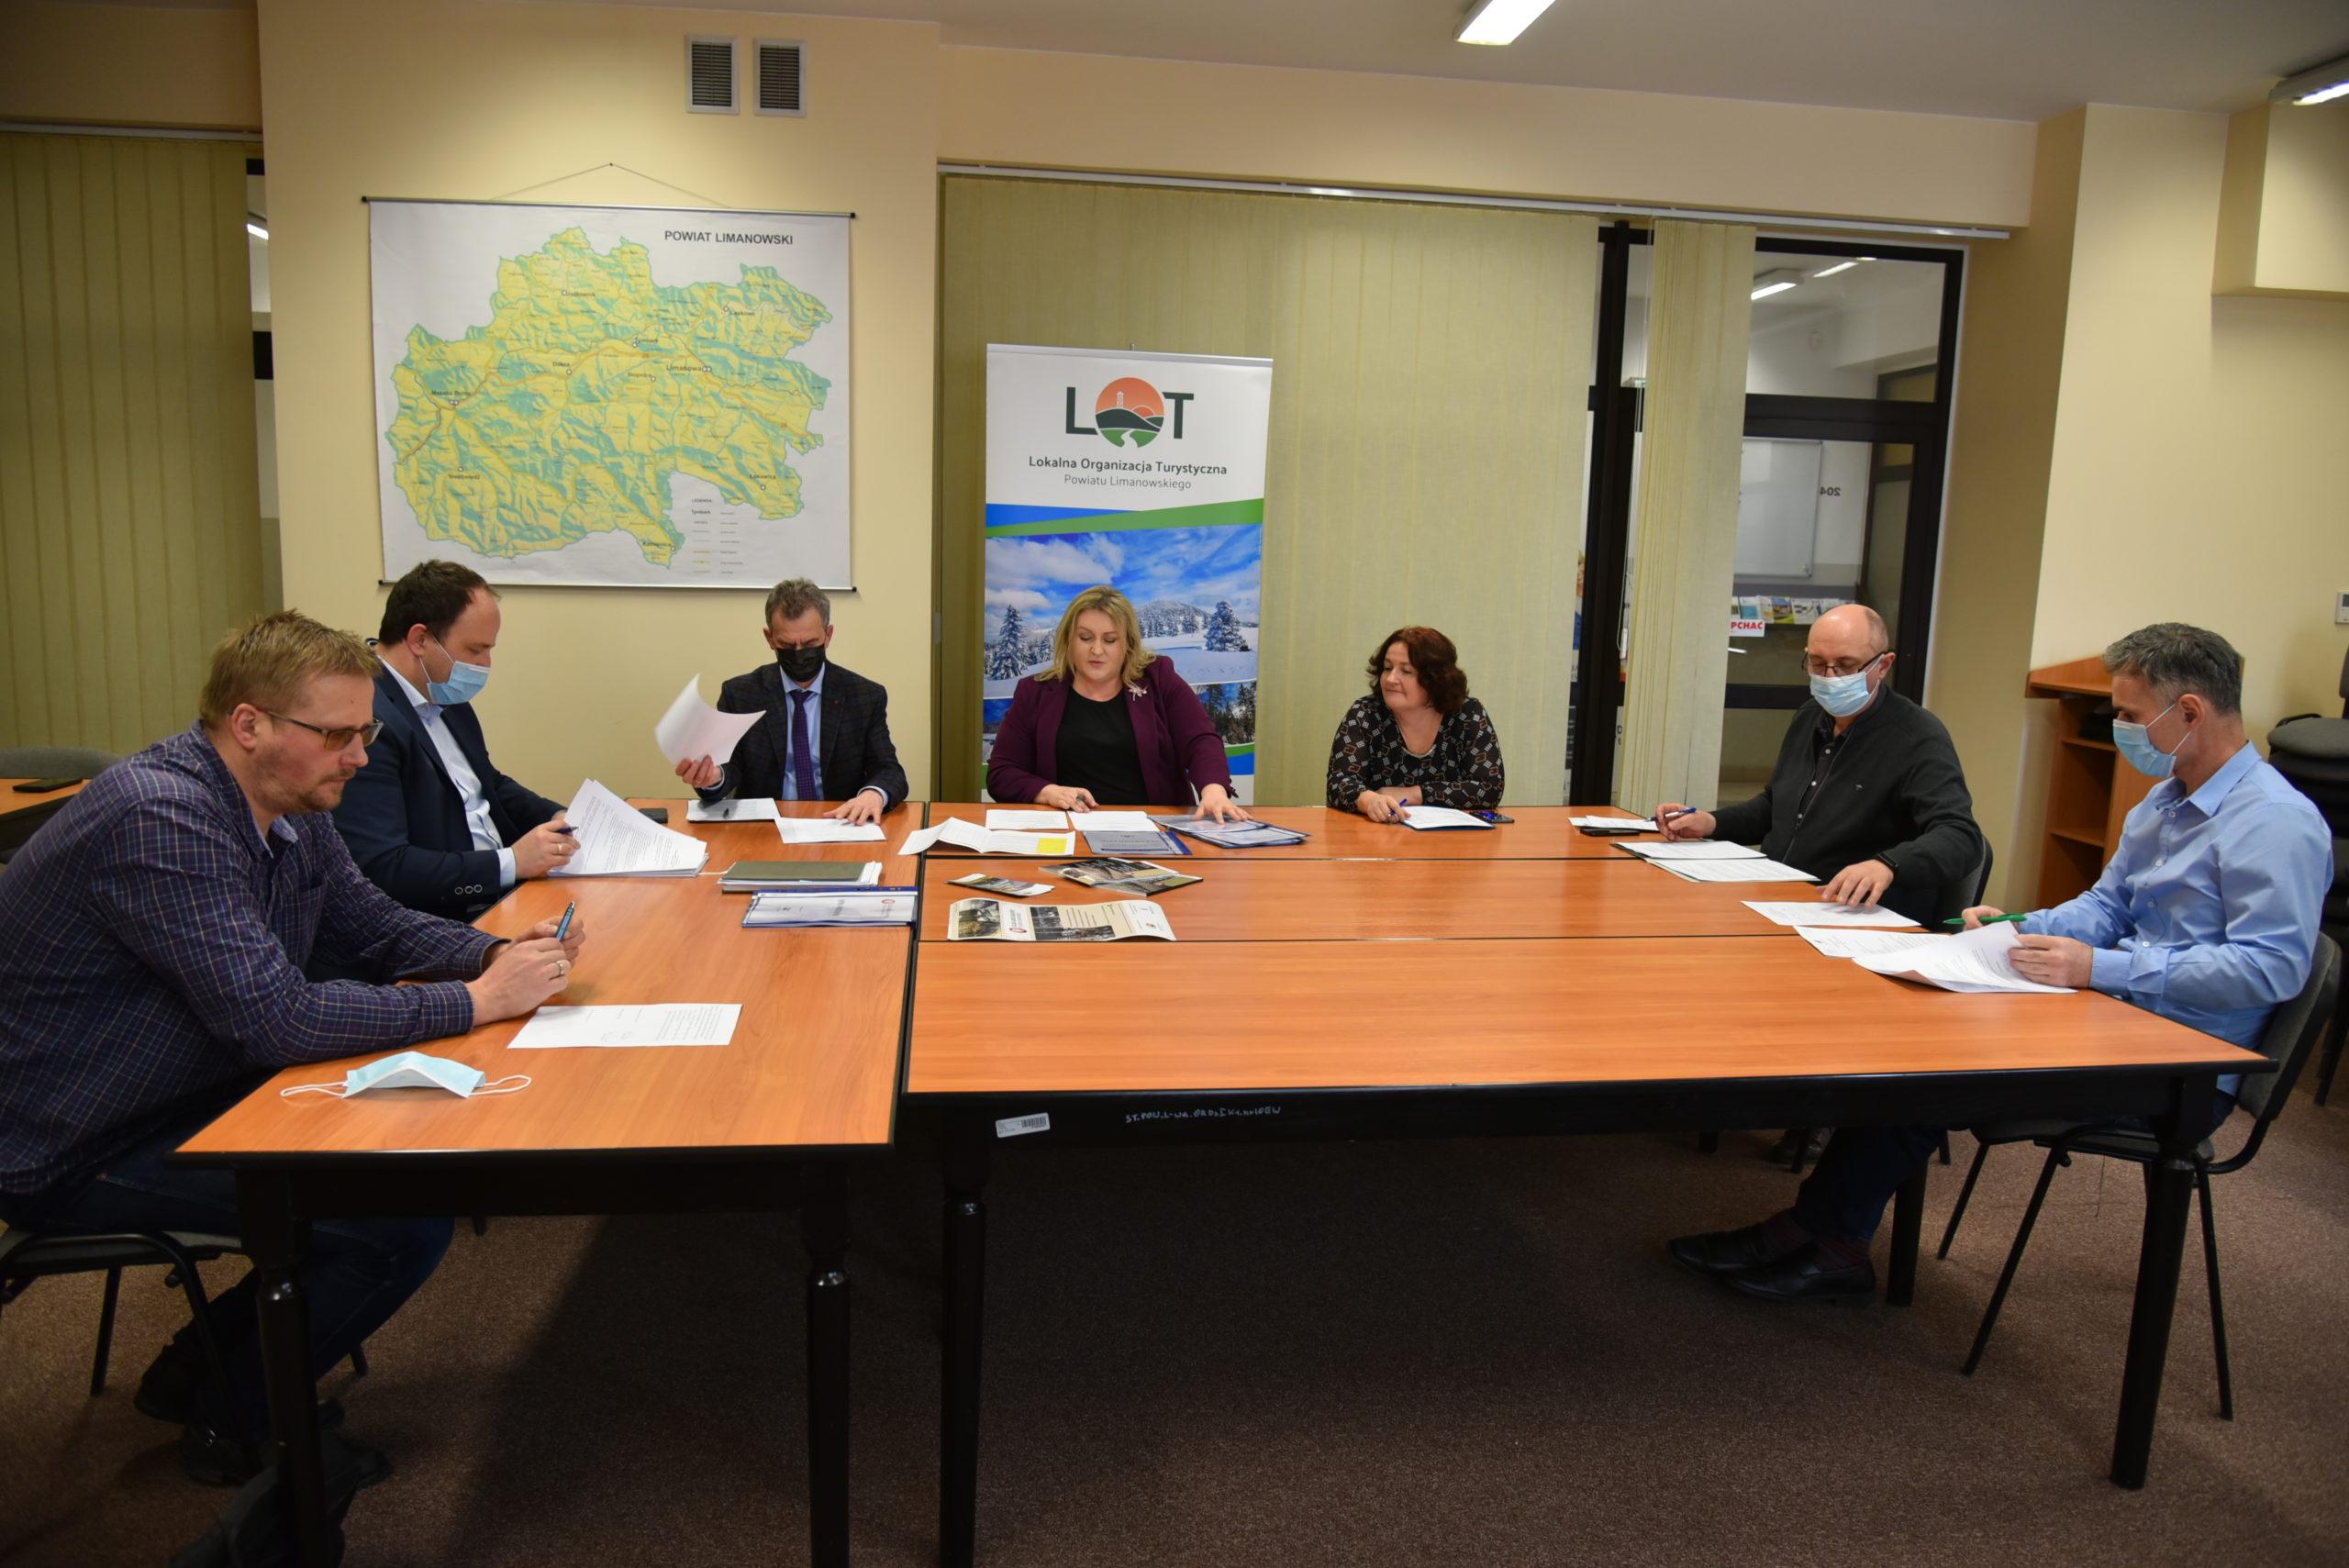 III Walne Zebranie Członków Lokalnej Organizacji Turystycznej Powiatu Limanowskiego